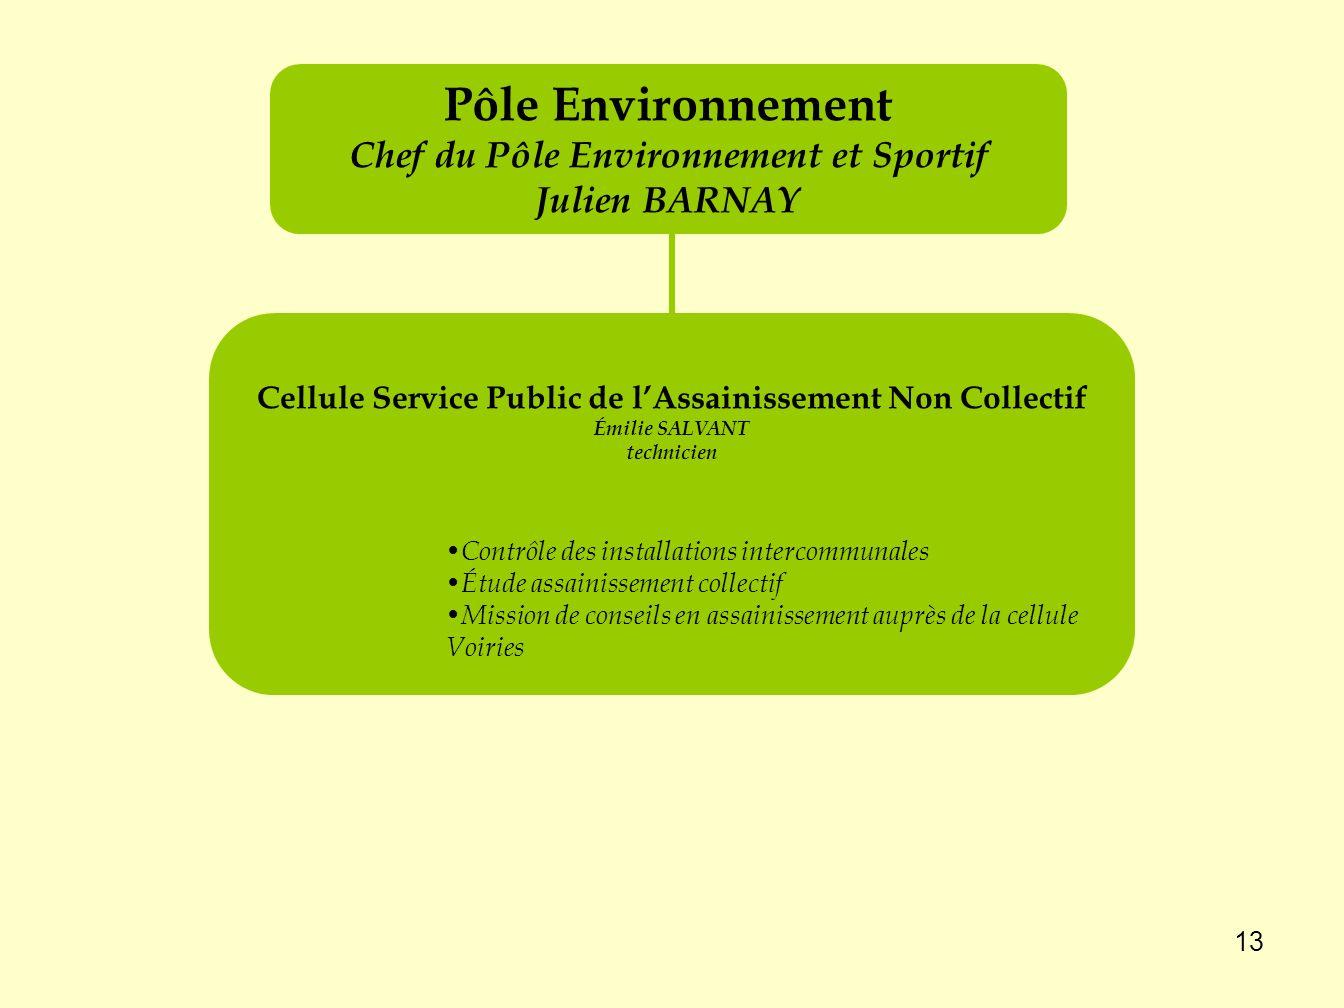 Pôle Environnement Chef du Pôle Environnement et Sportif Julien BARNAY